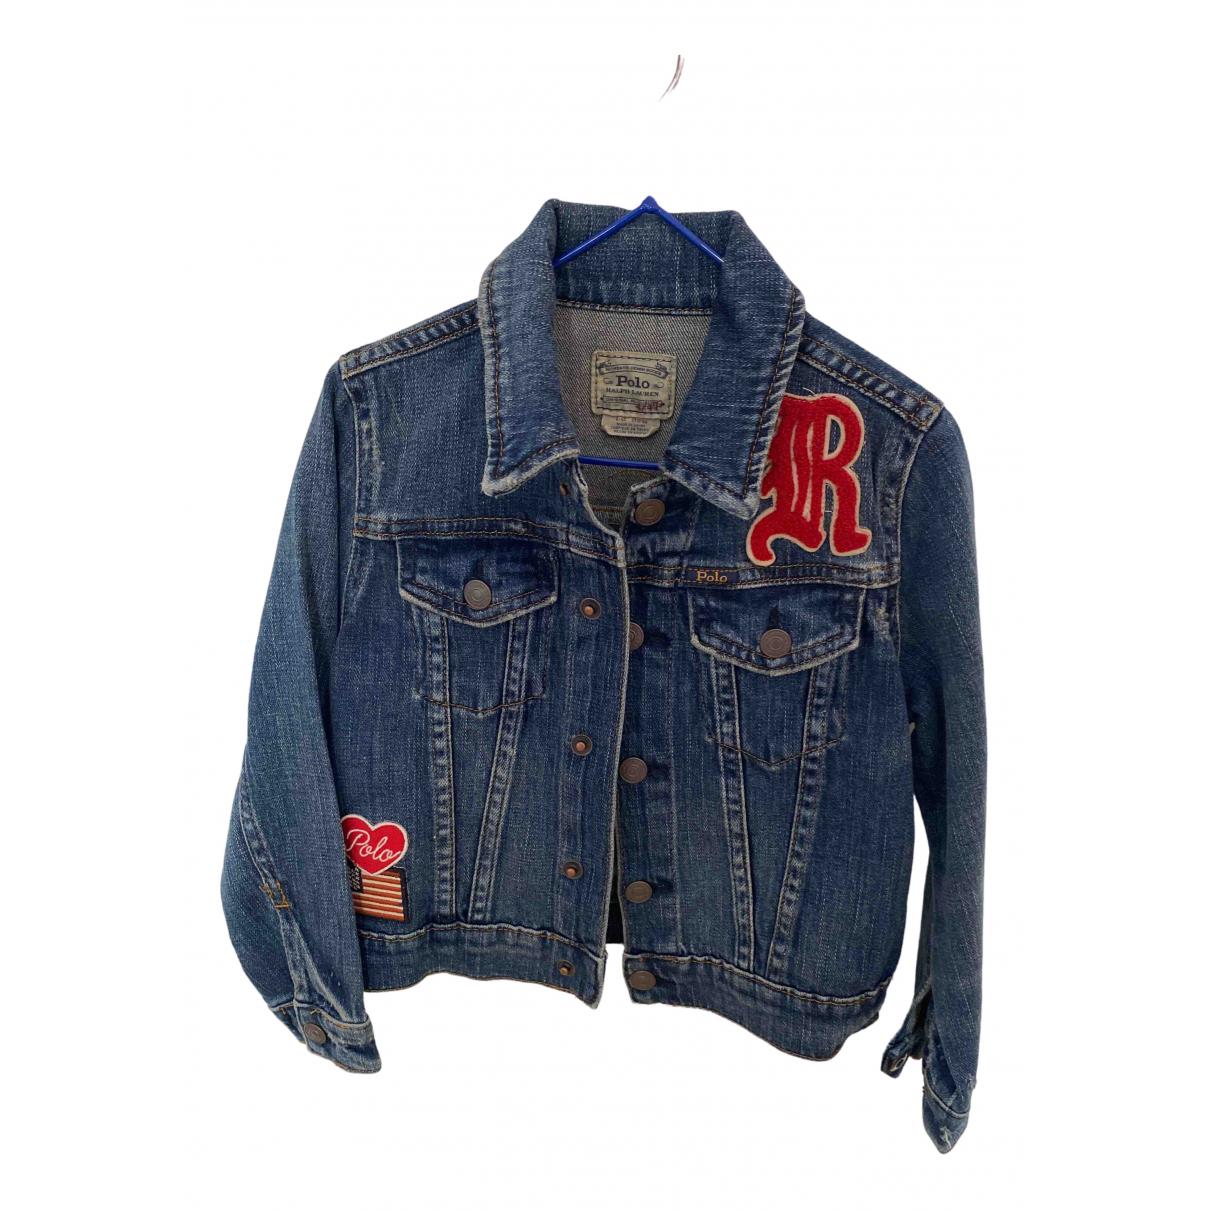 Polo Ralph Lauren - Blousons.Manteaux   pour enfant en denim - bleu